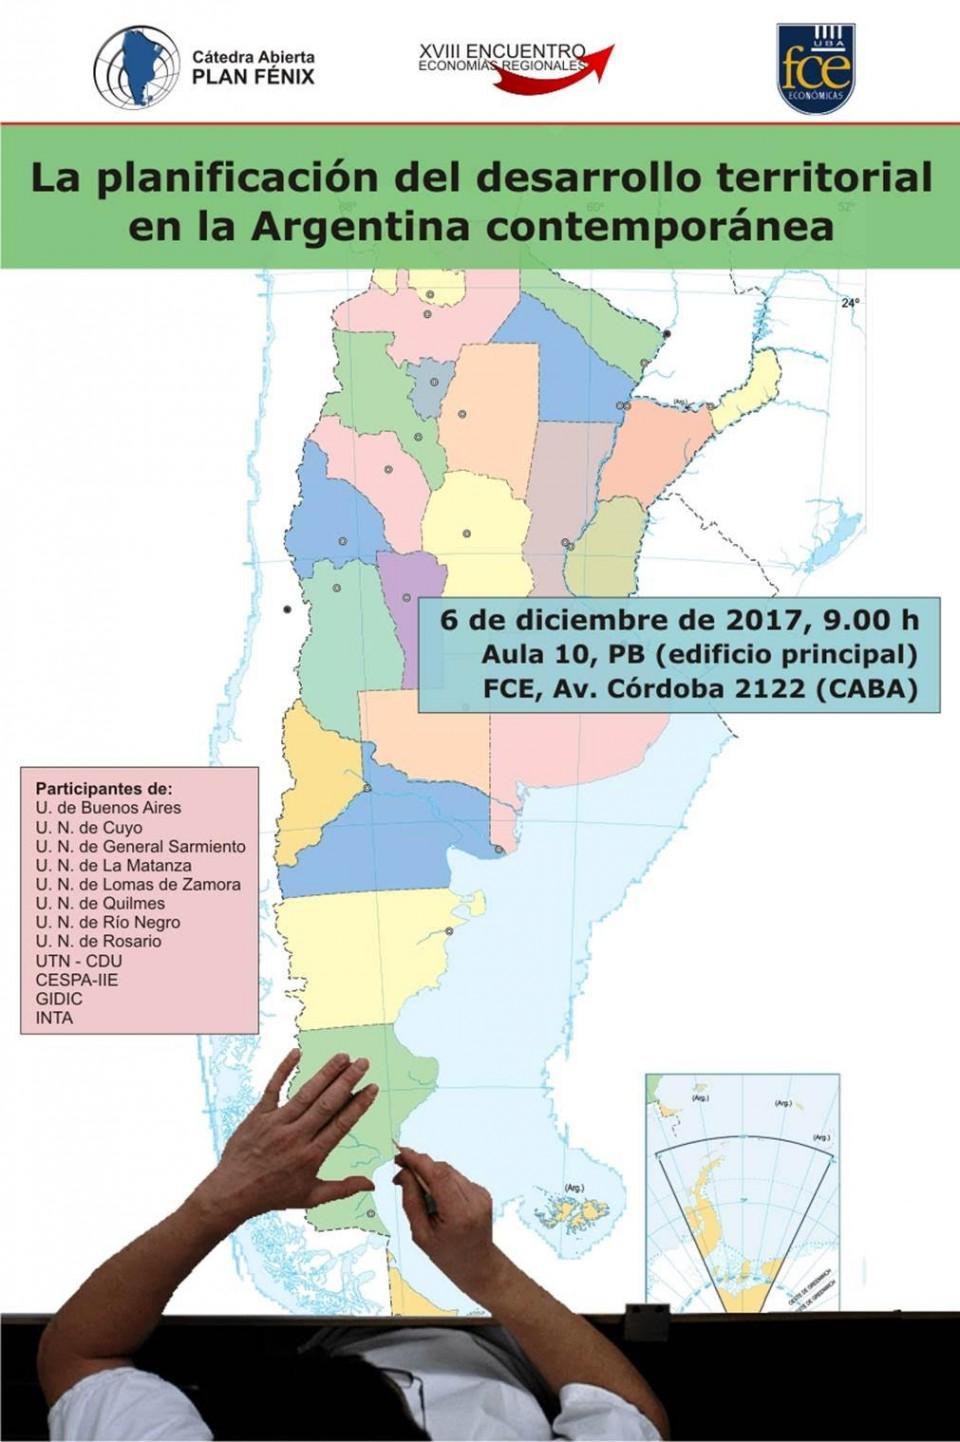 Invitación a asistir al XVII Encuentro de Economìas Regionales del Plan Fènix